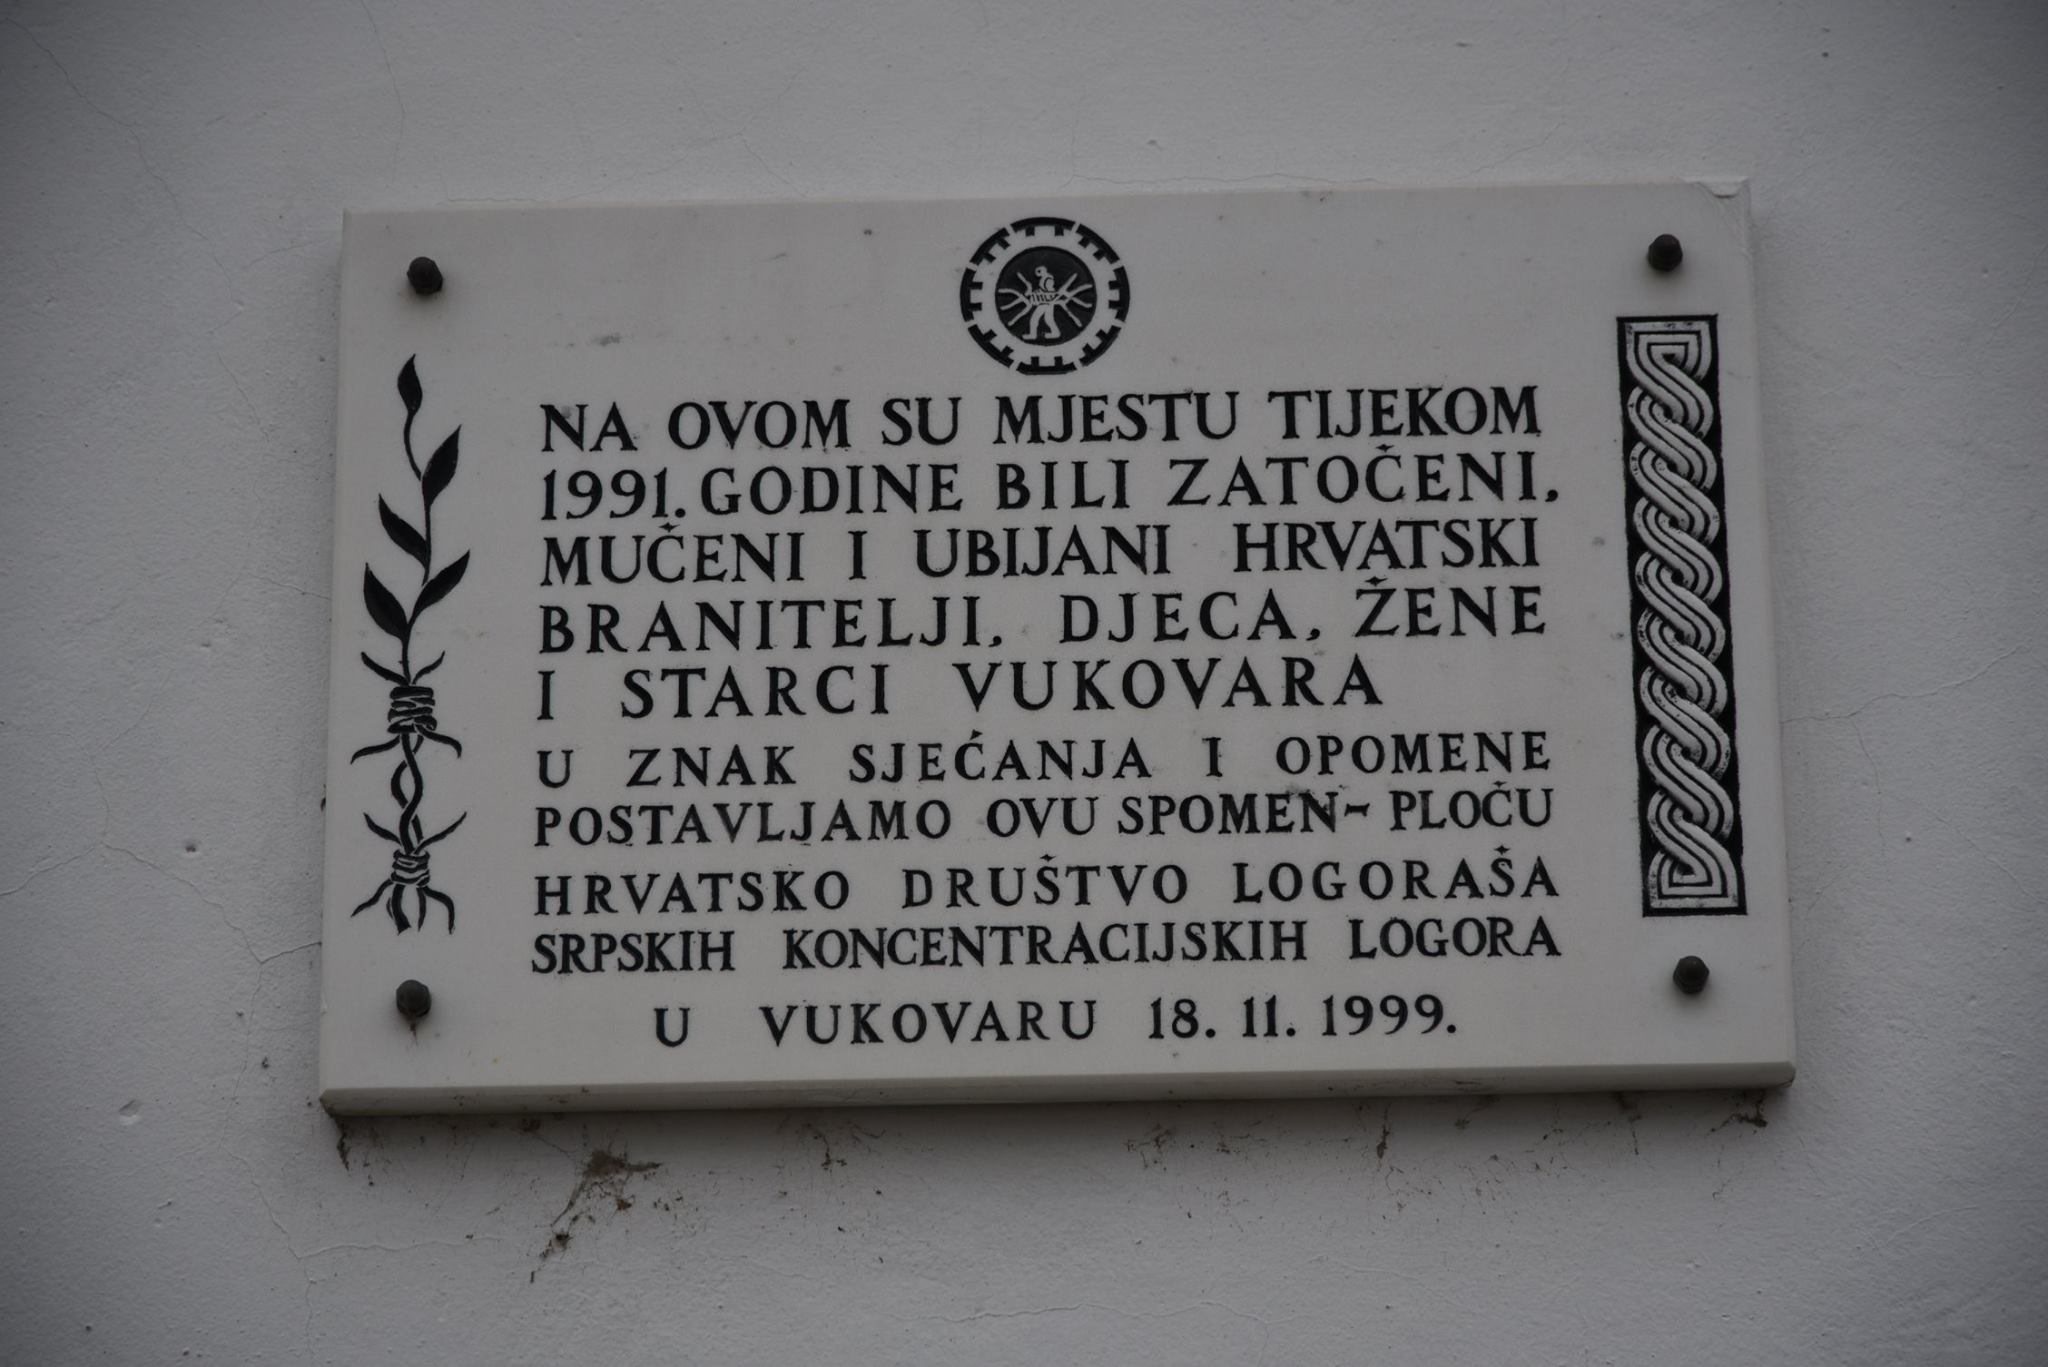 Da se ne zaboravi majka Kata Šoljić 29 Ovčara Vukovar 2018